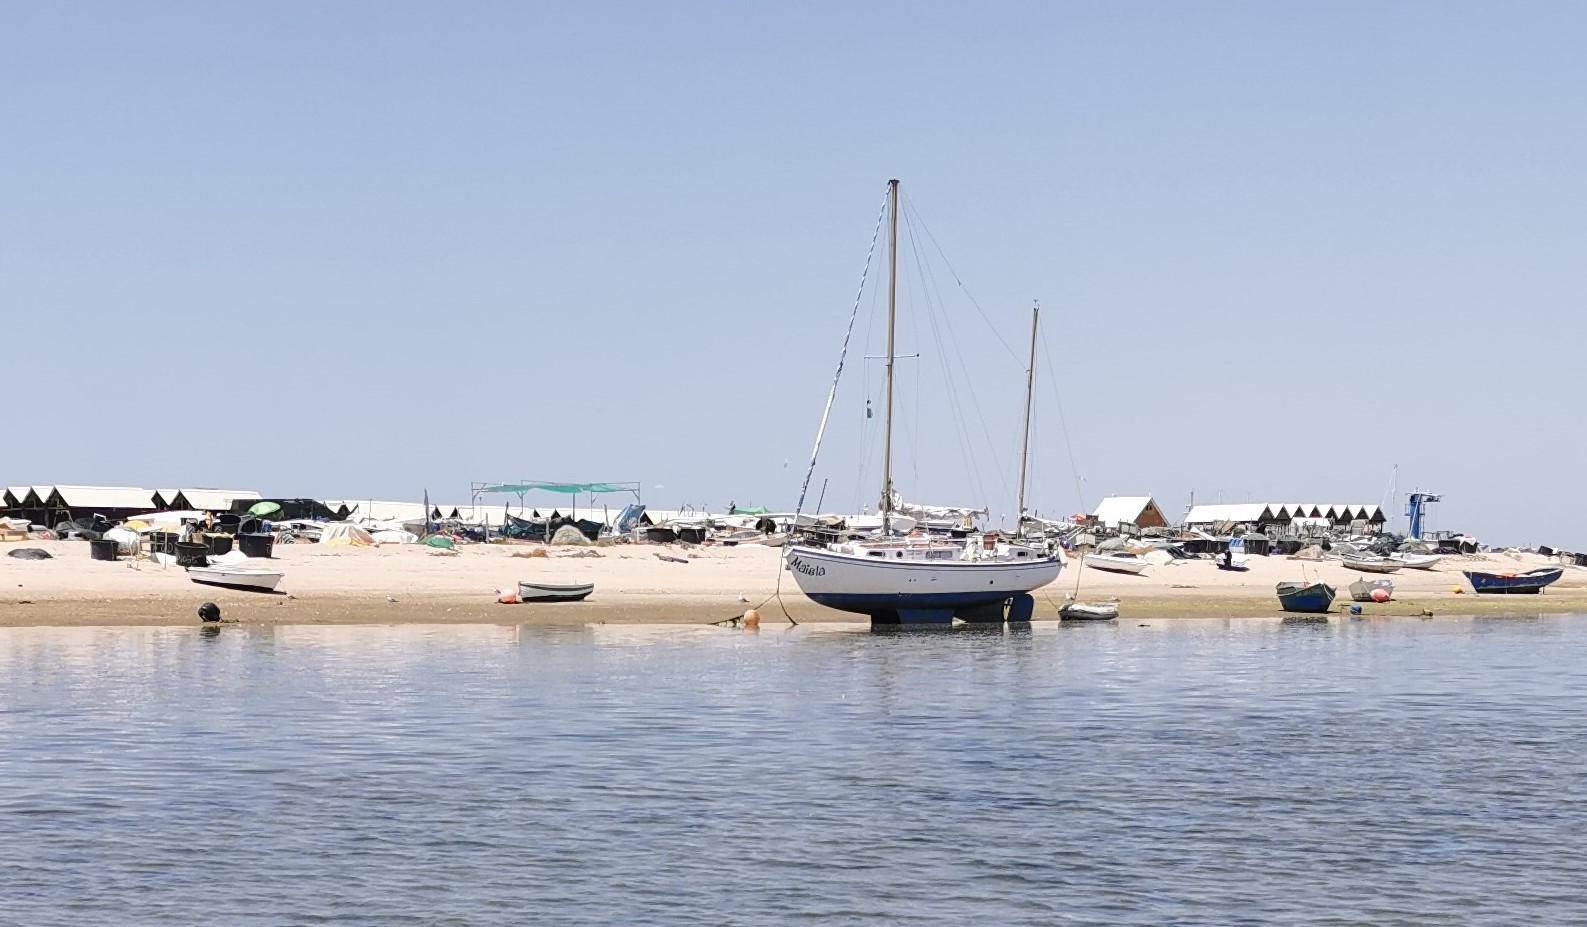 Rio Formosa Boat 1